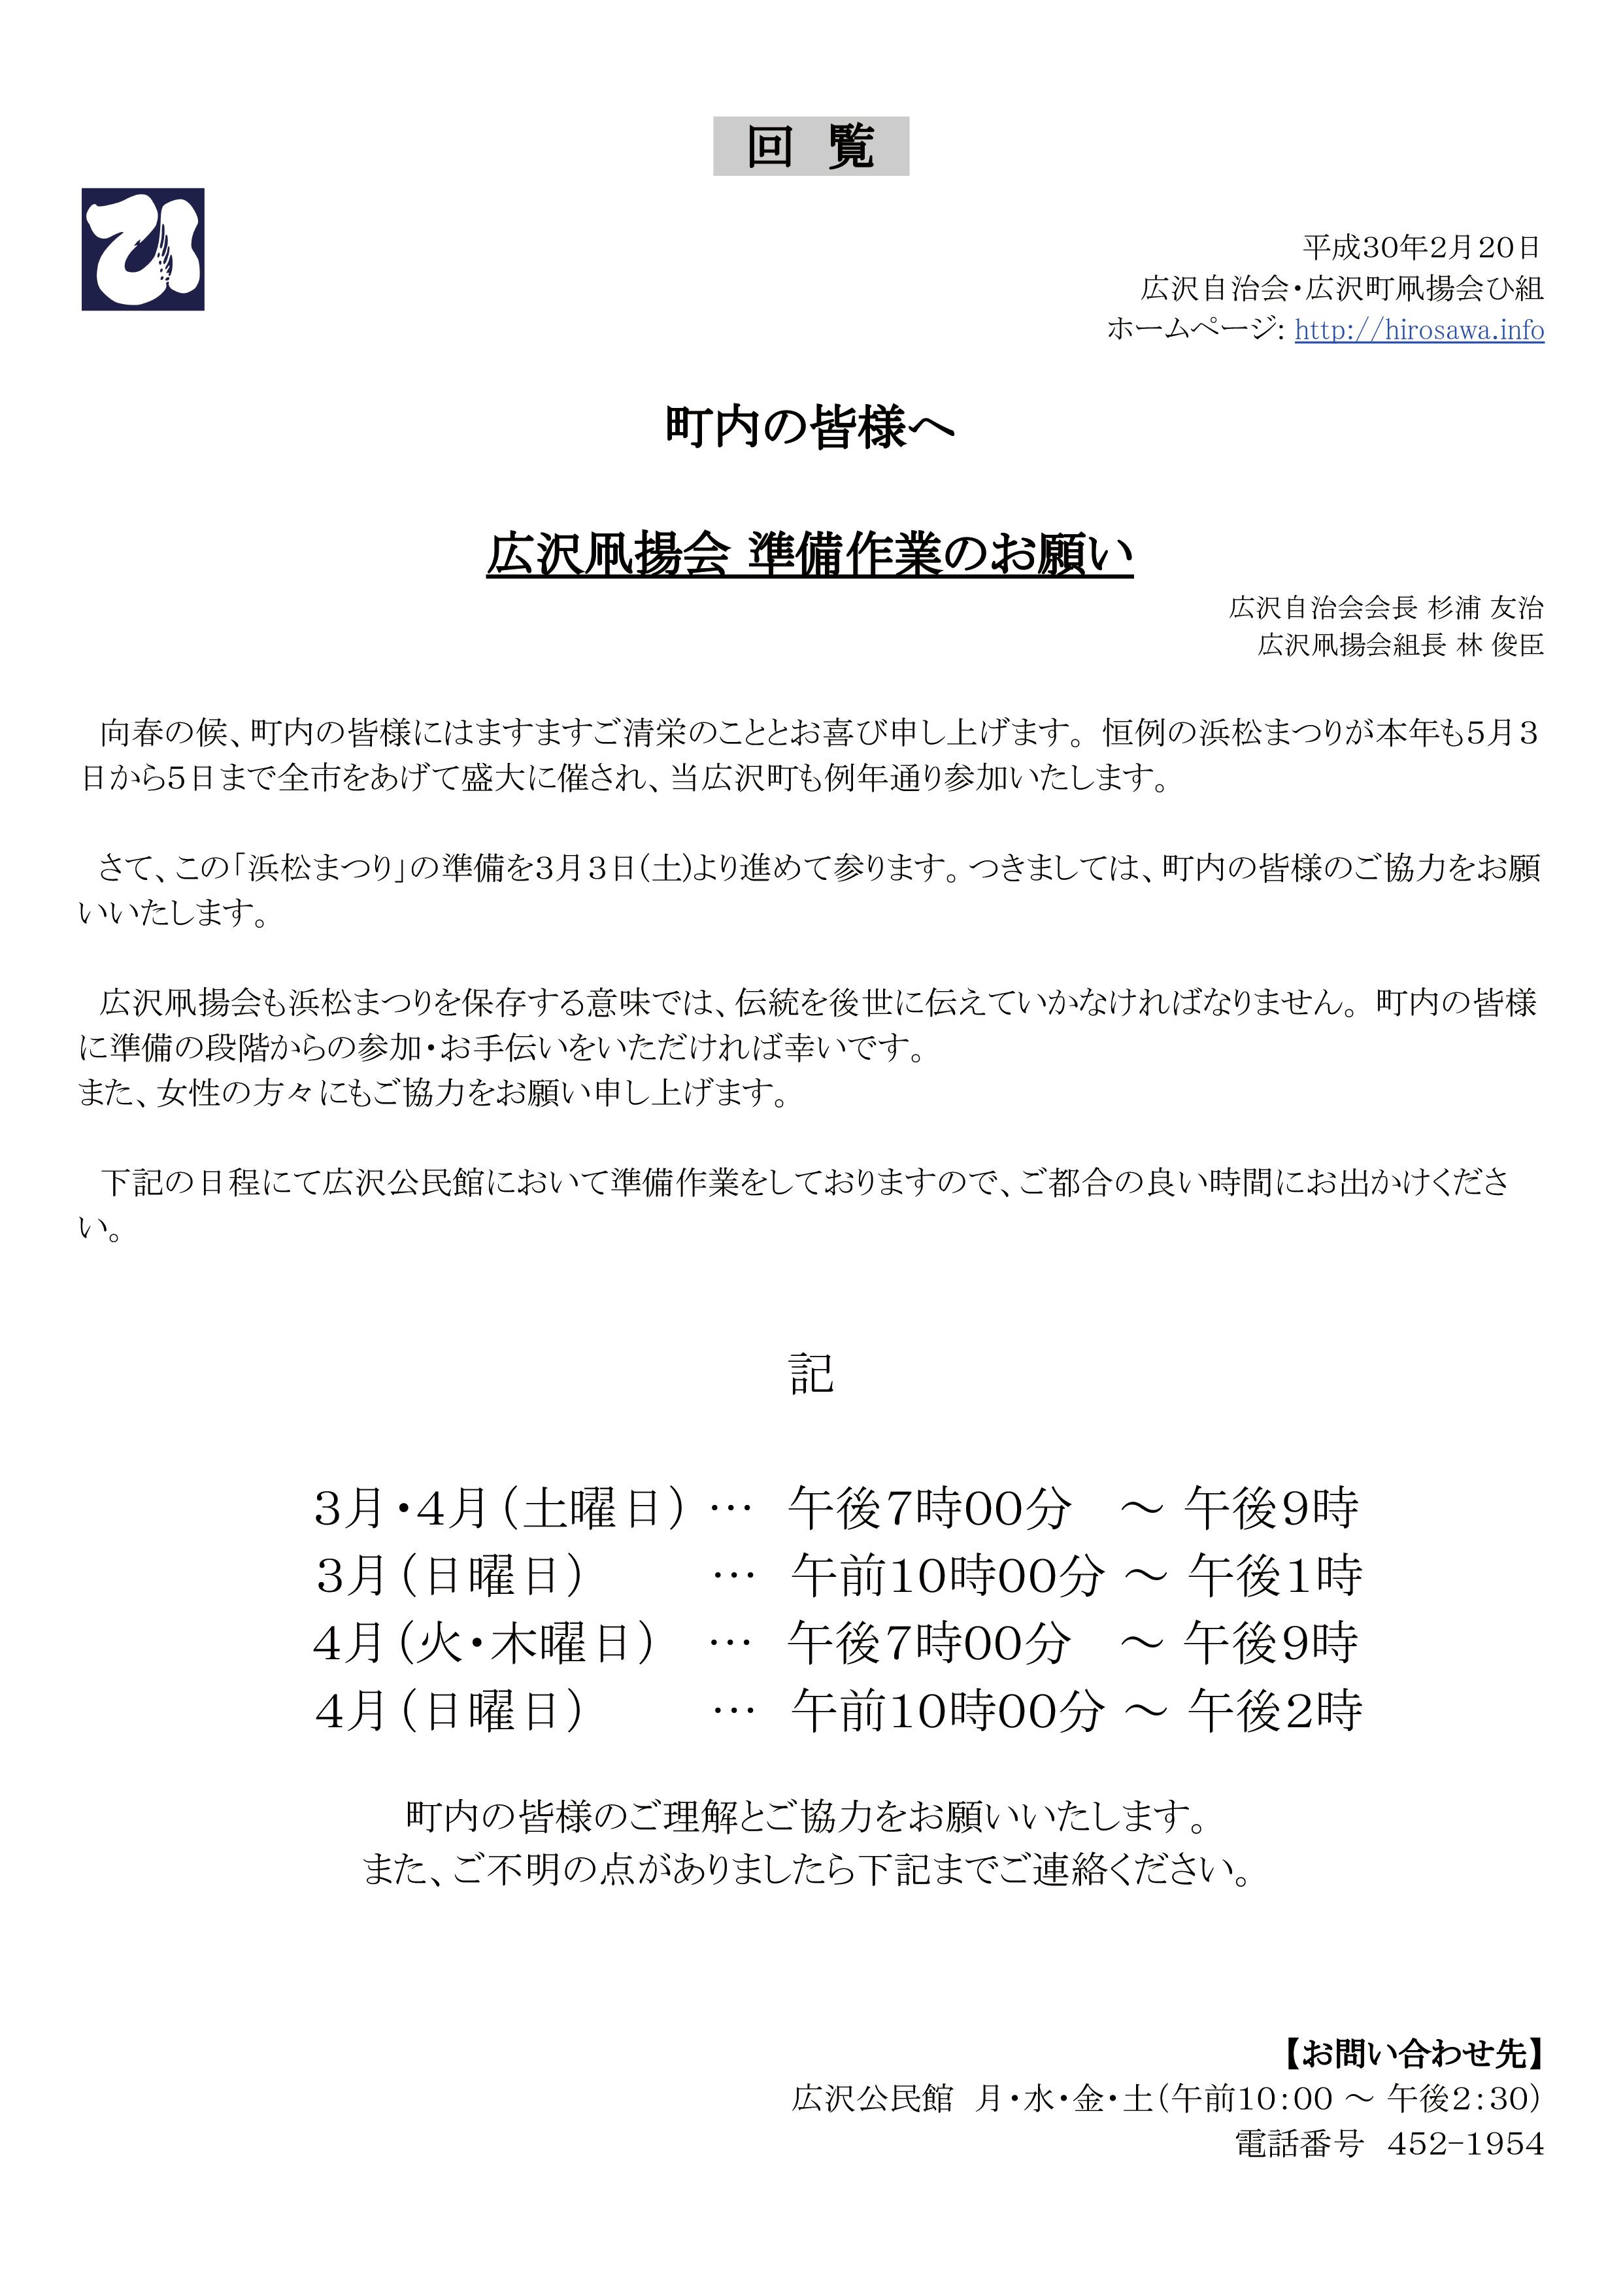 【回覧】広沢凧揚会 準備作業のお願い